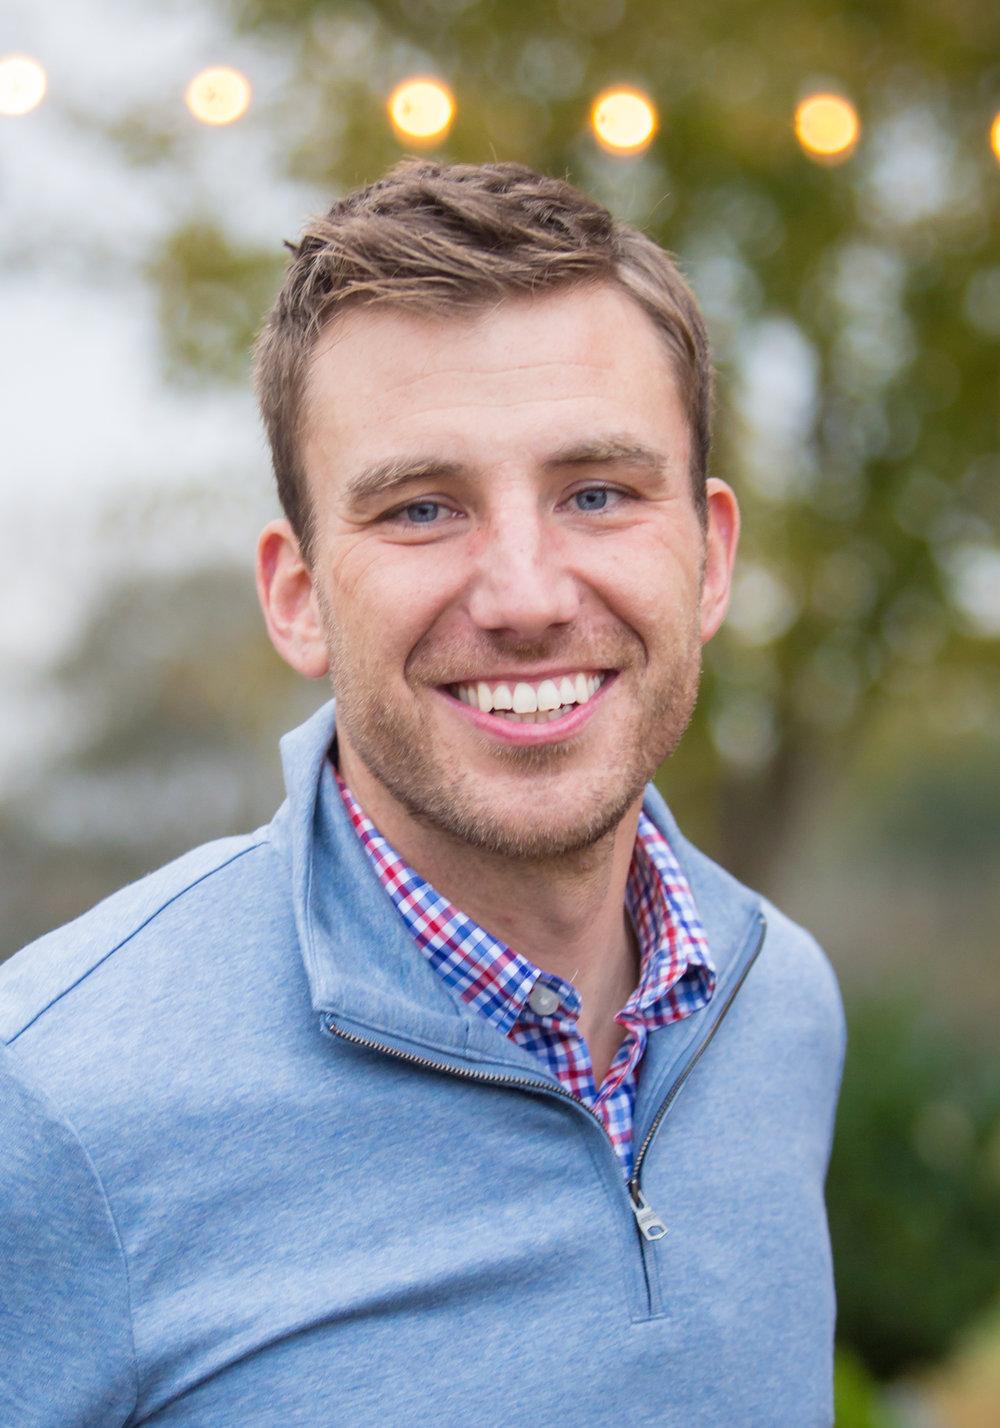 Joshua Straub